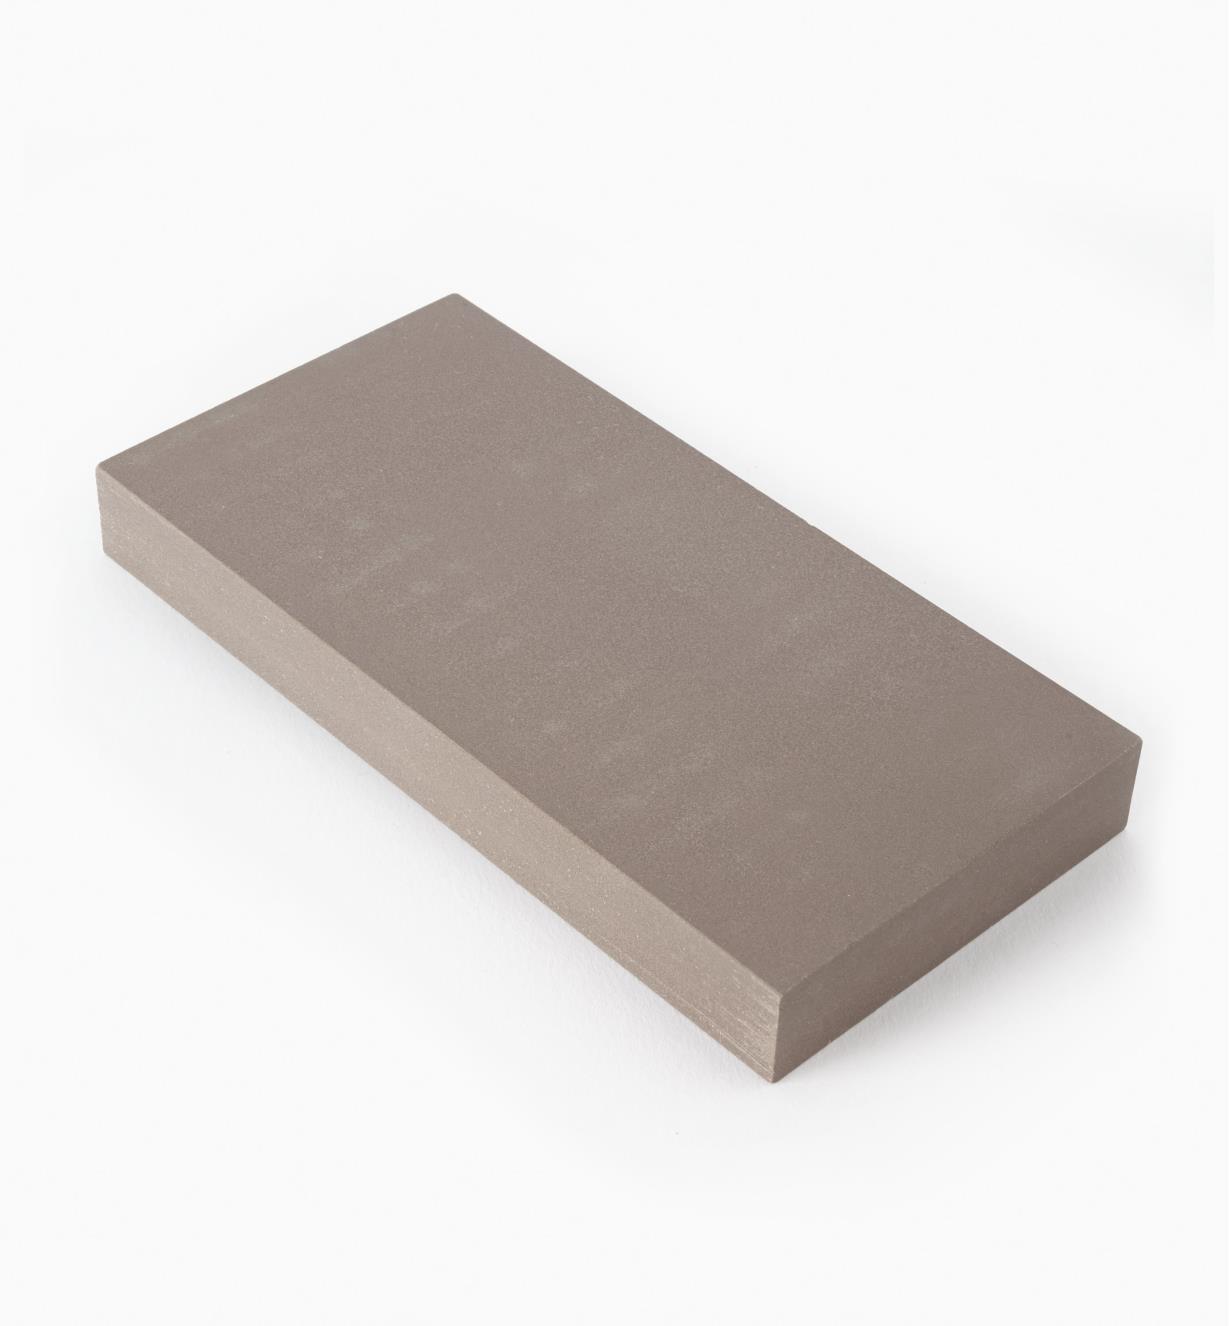 60M2101 - 800x Ceramic Stone